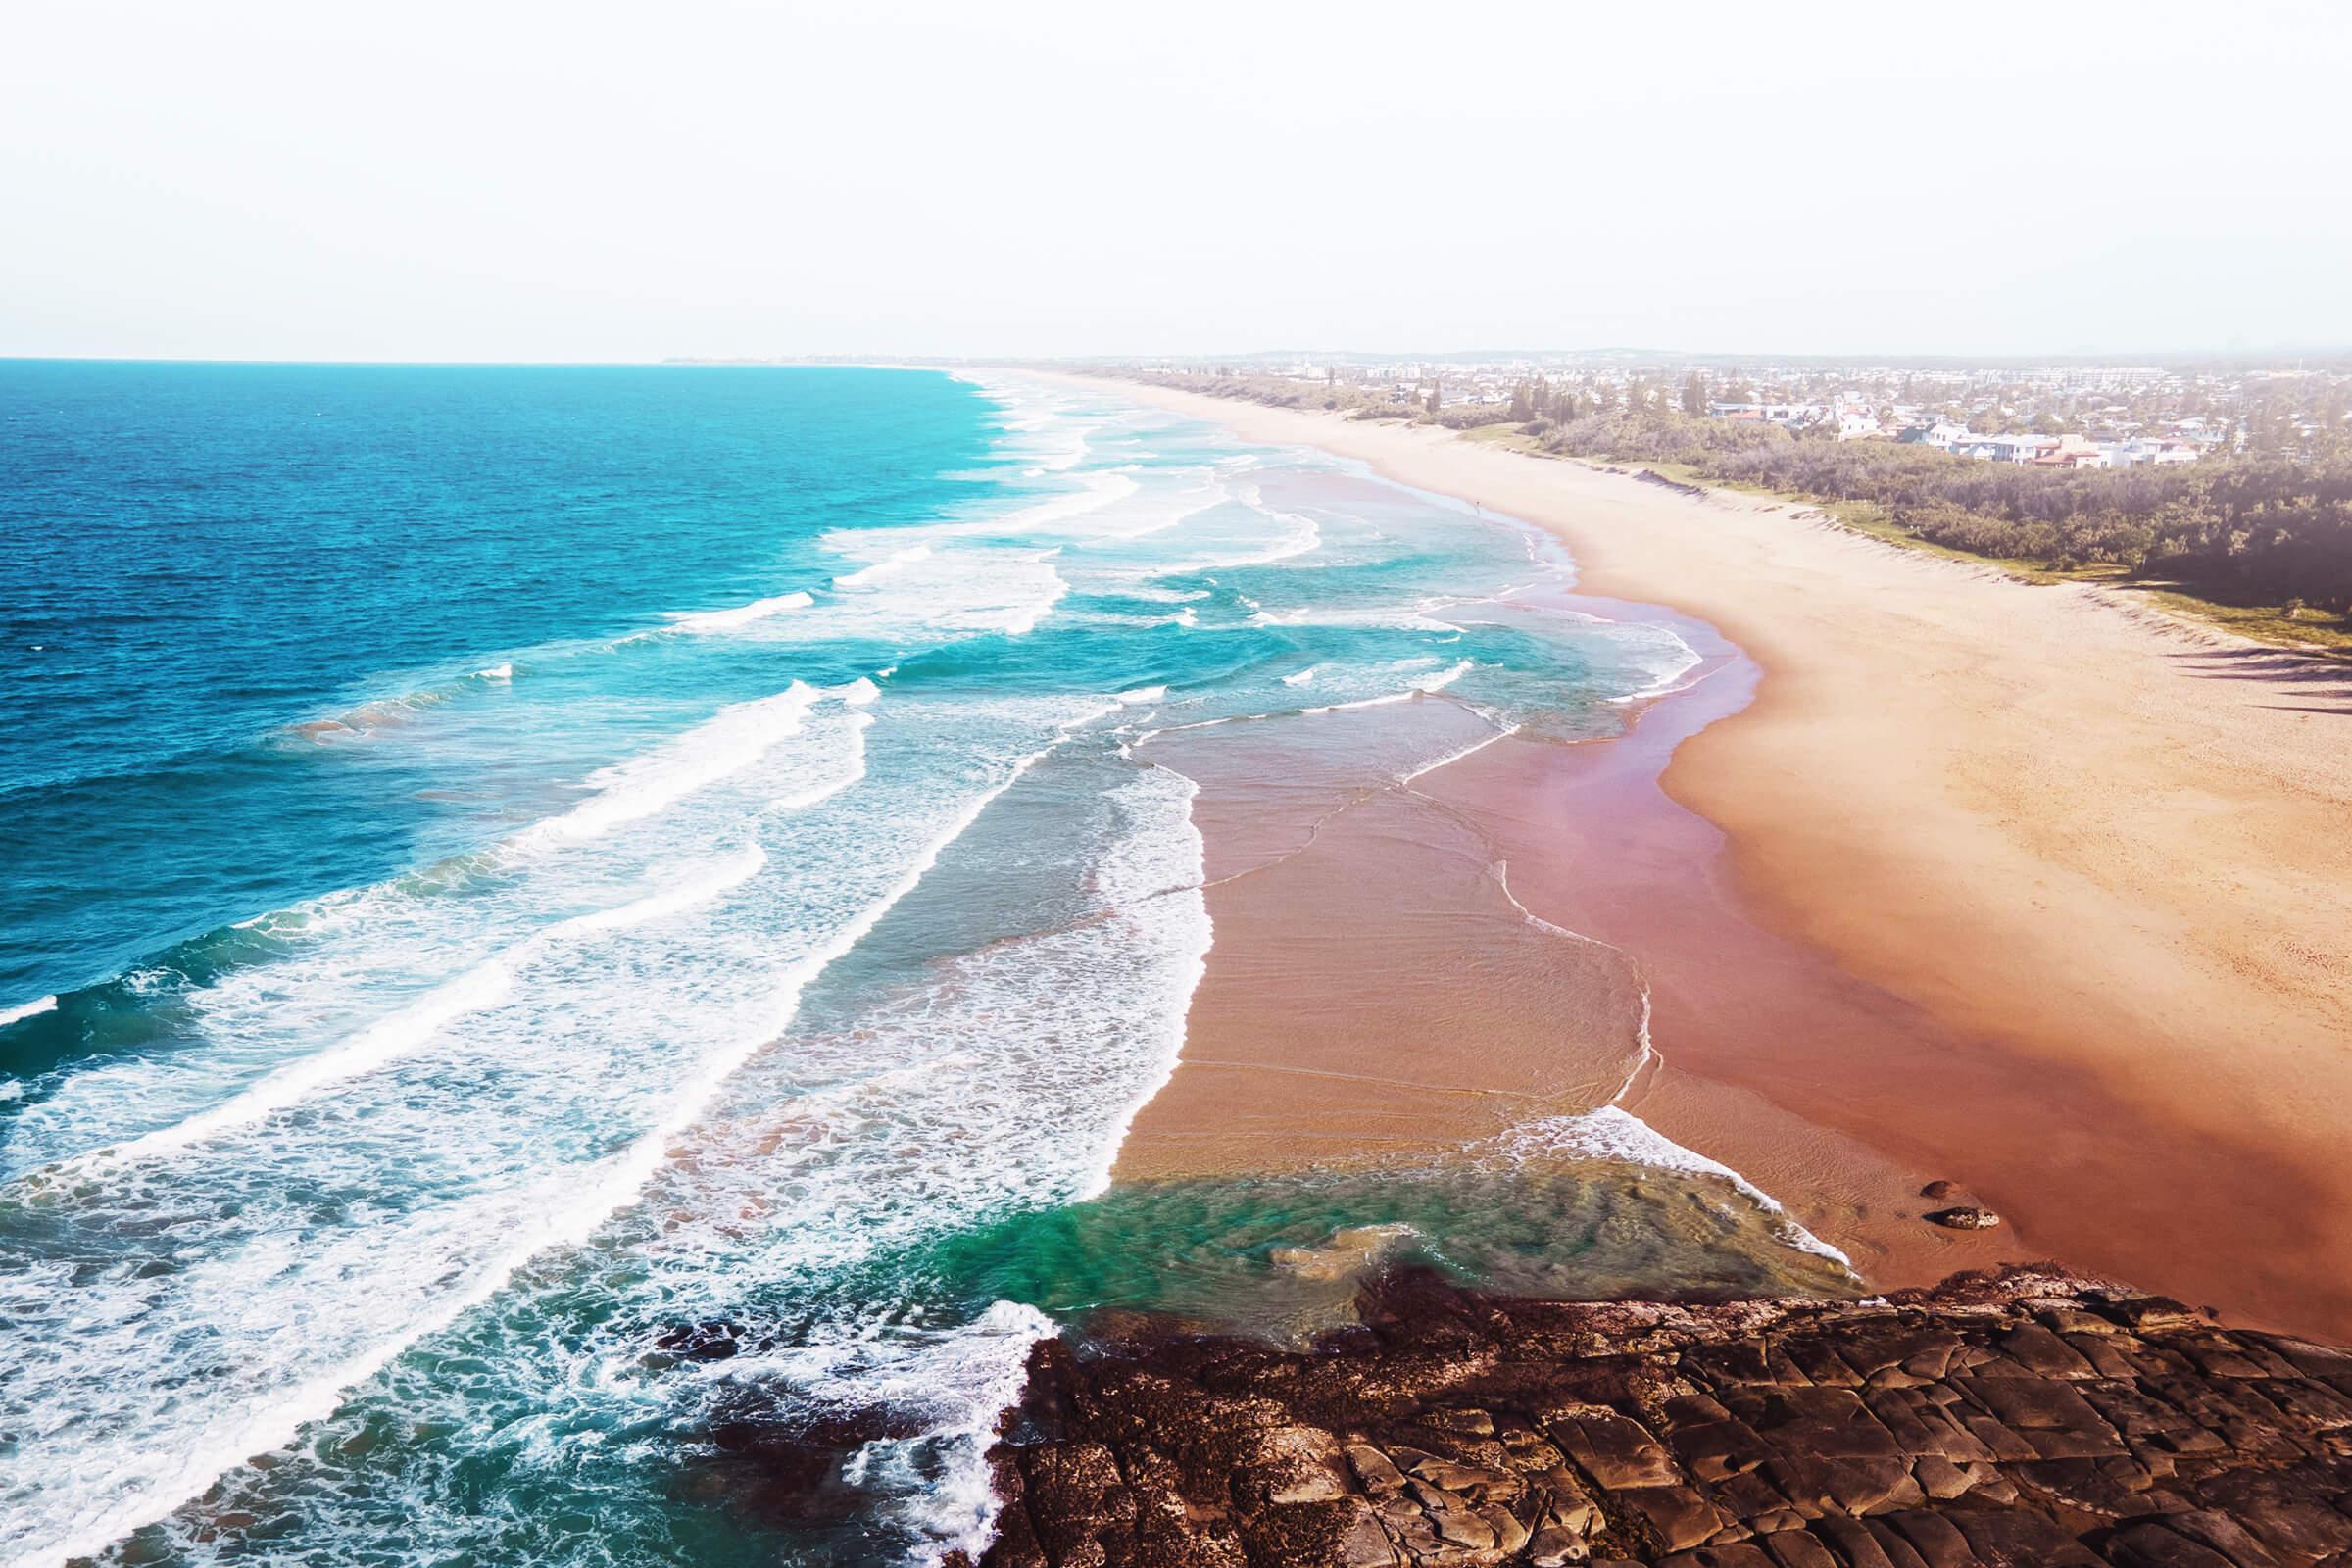 Landscape photo of Sunshine Coast beaches